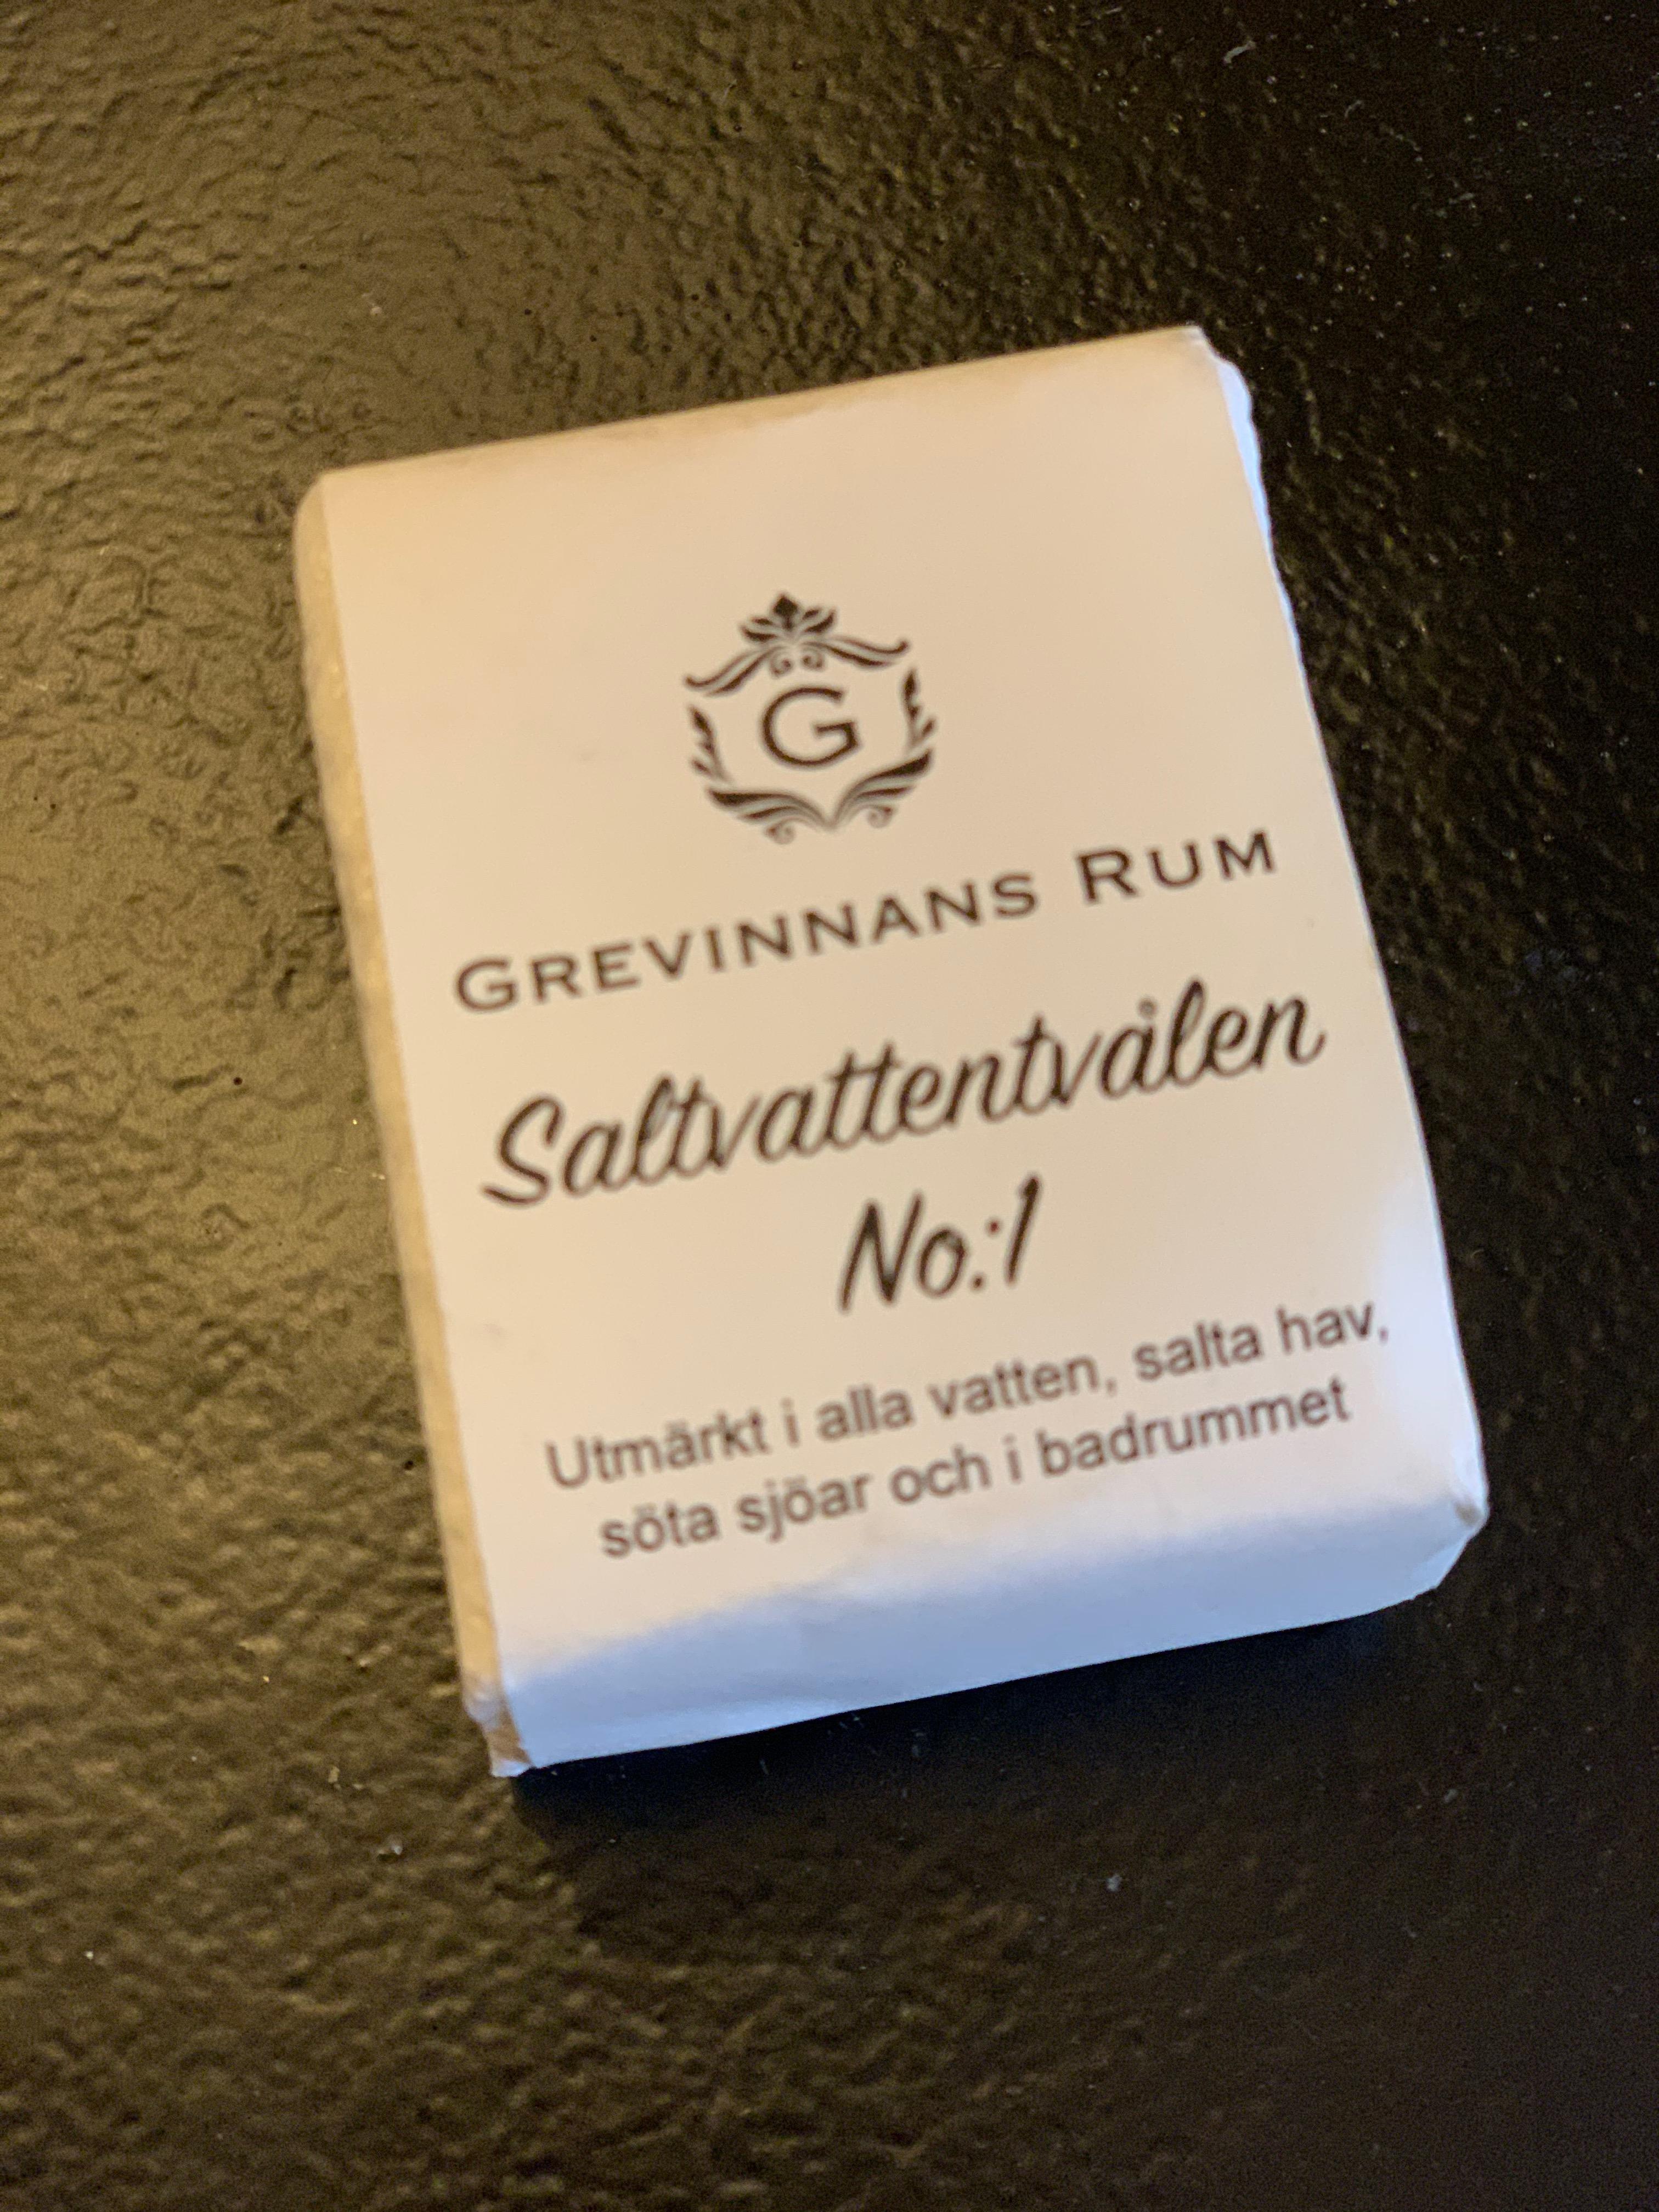 Saltvattentvålen No 1 Handfatsmodell